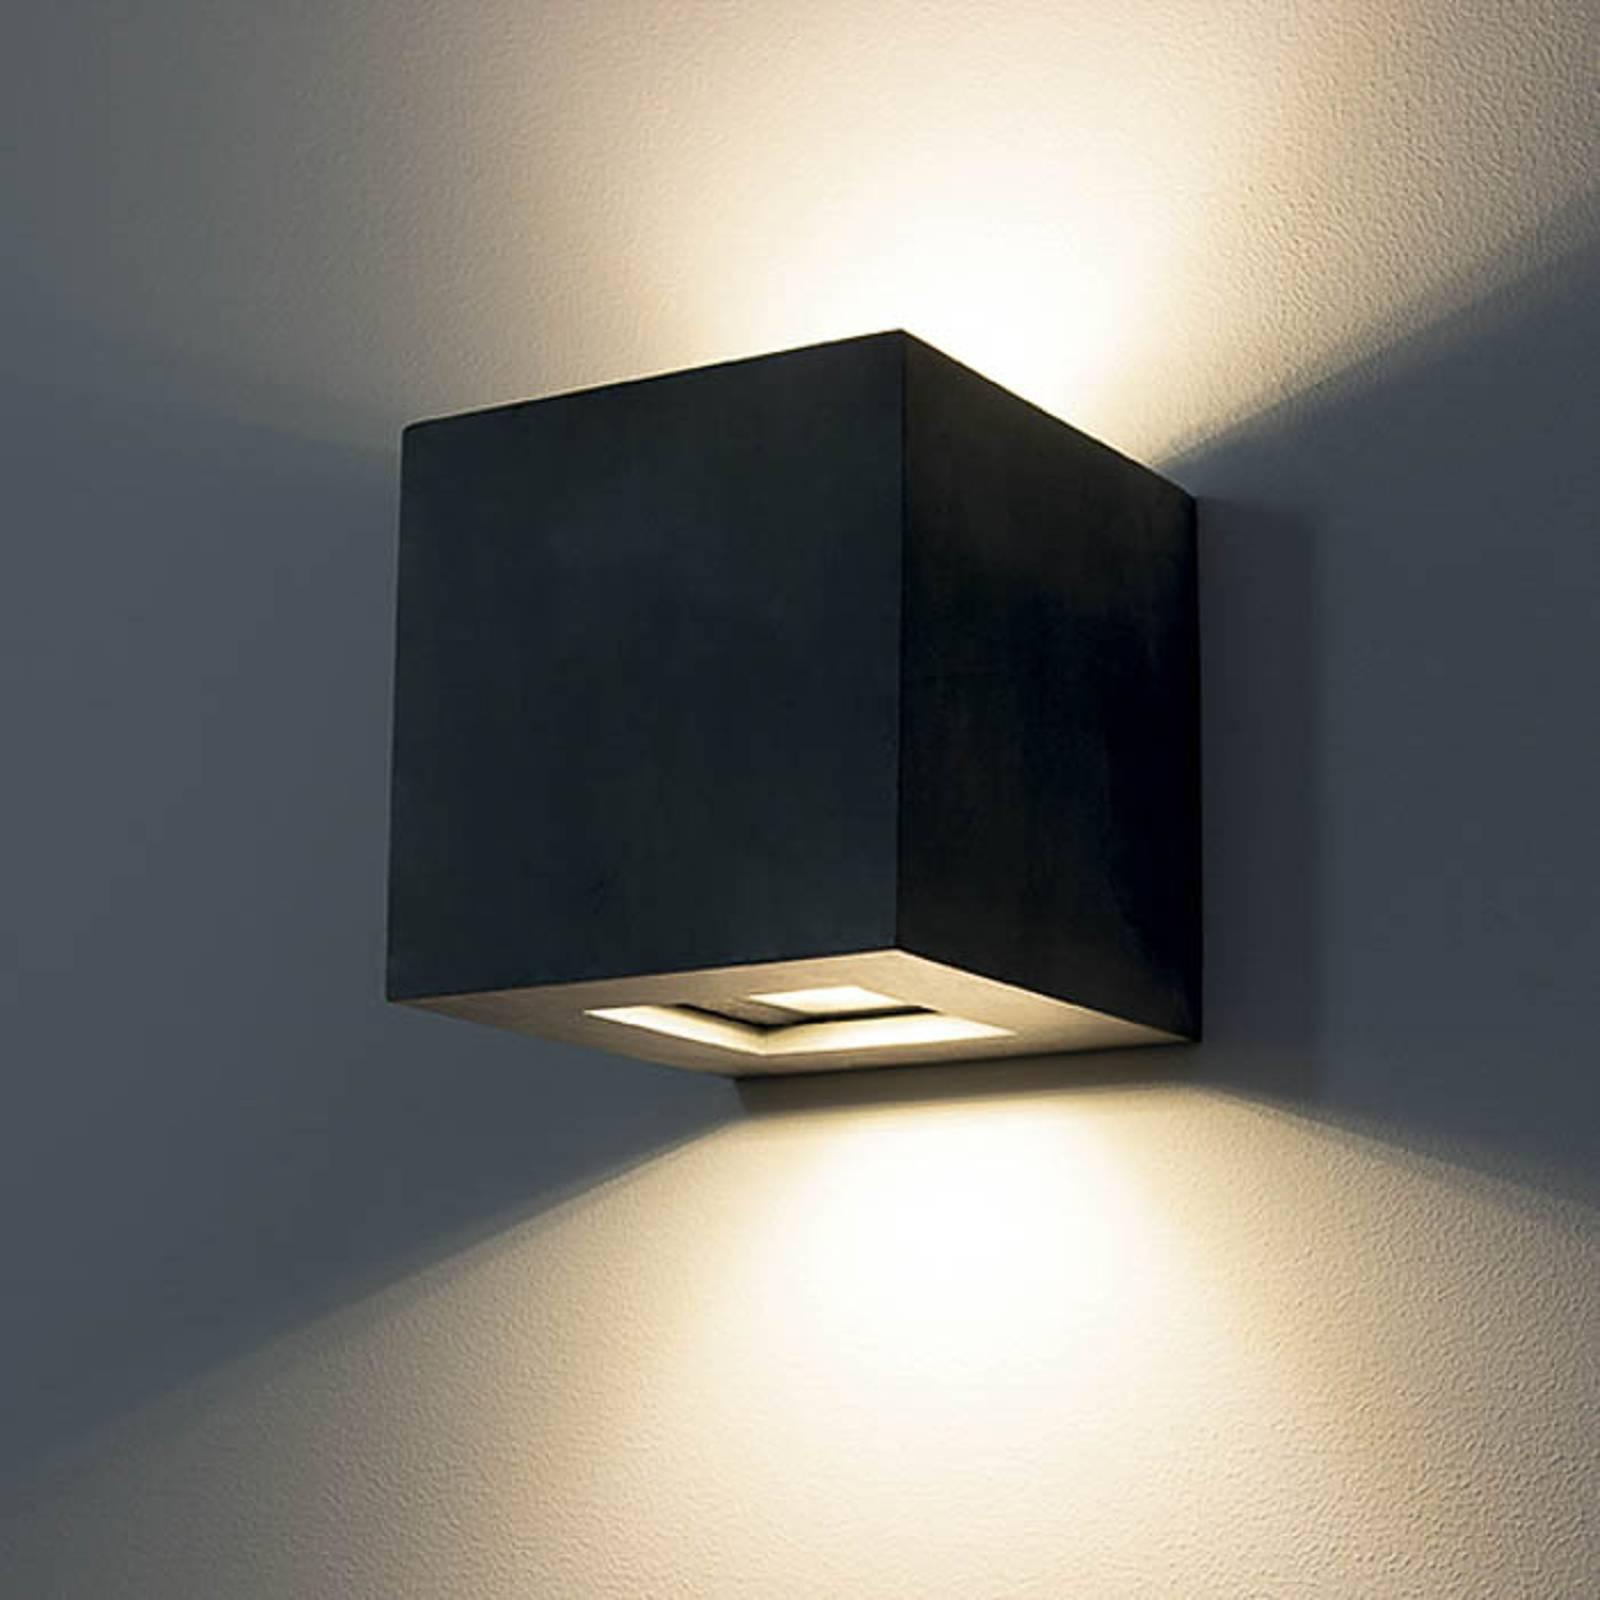 LED-ulkoseinävalaisin 1092 up & down, musta